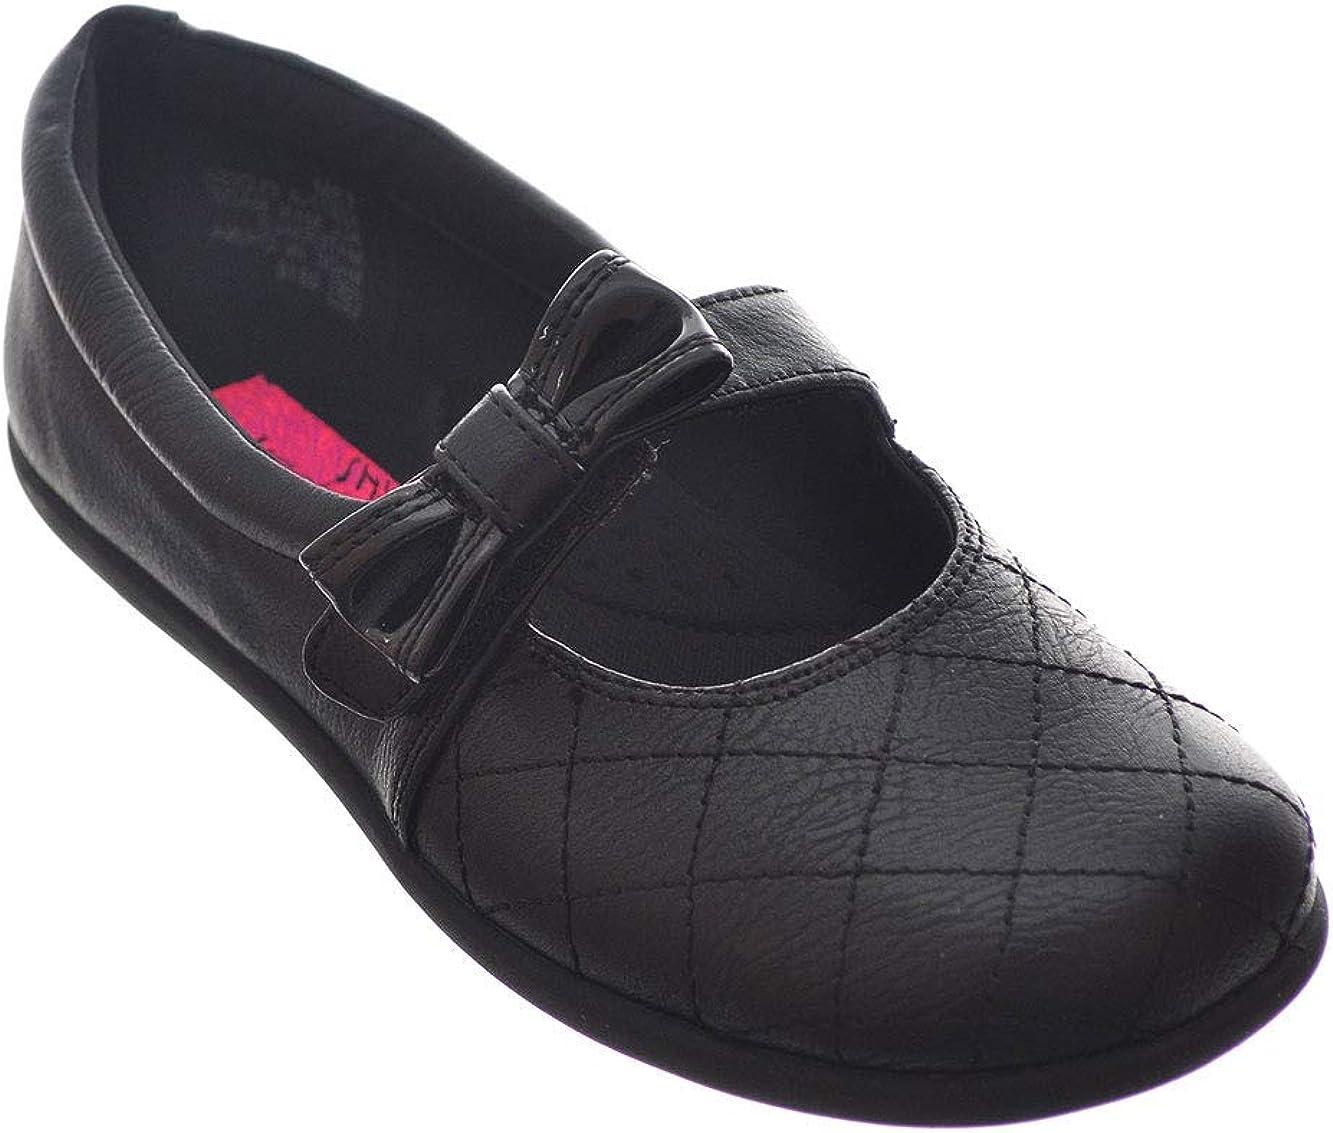 Rachel Shoes Eloise Girls Toddler-Youth Slip On